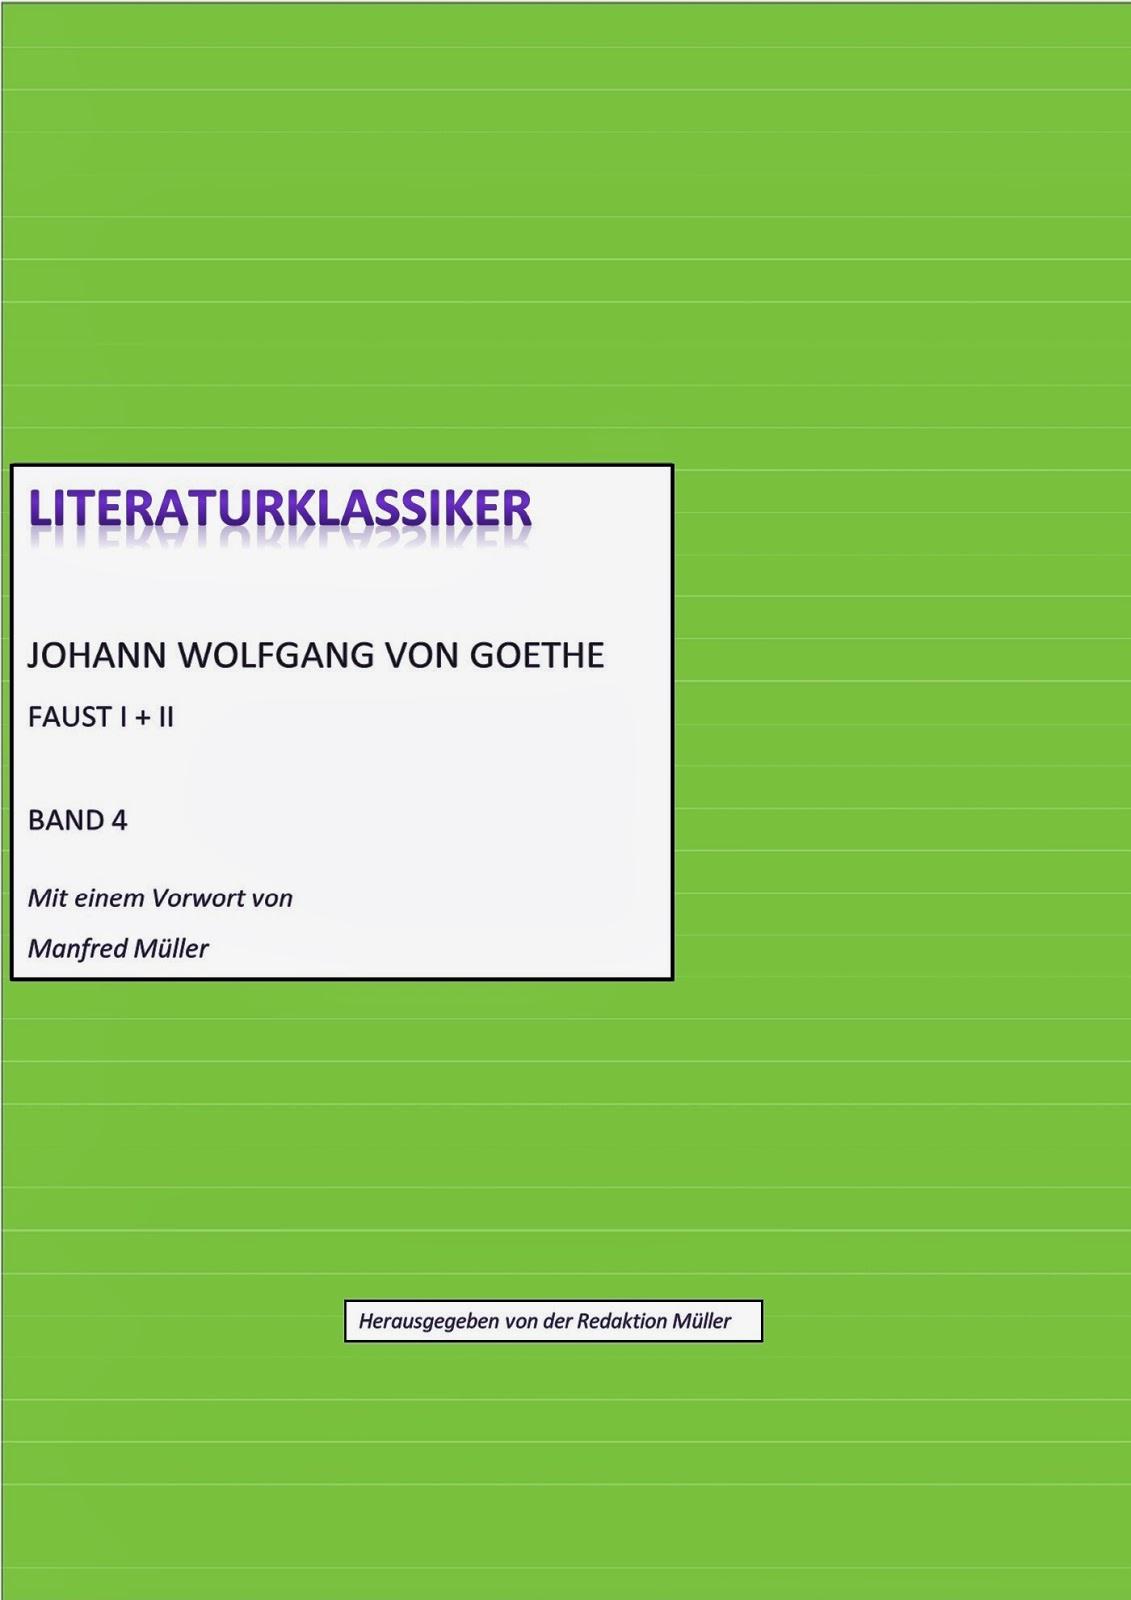 http://www.neobooks.com/werk/31438-johann-wolfgang-von-goethe-faust-i-ii.html